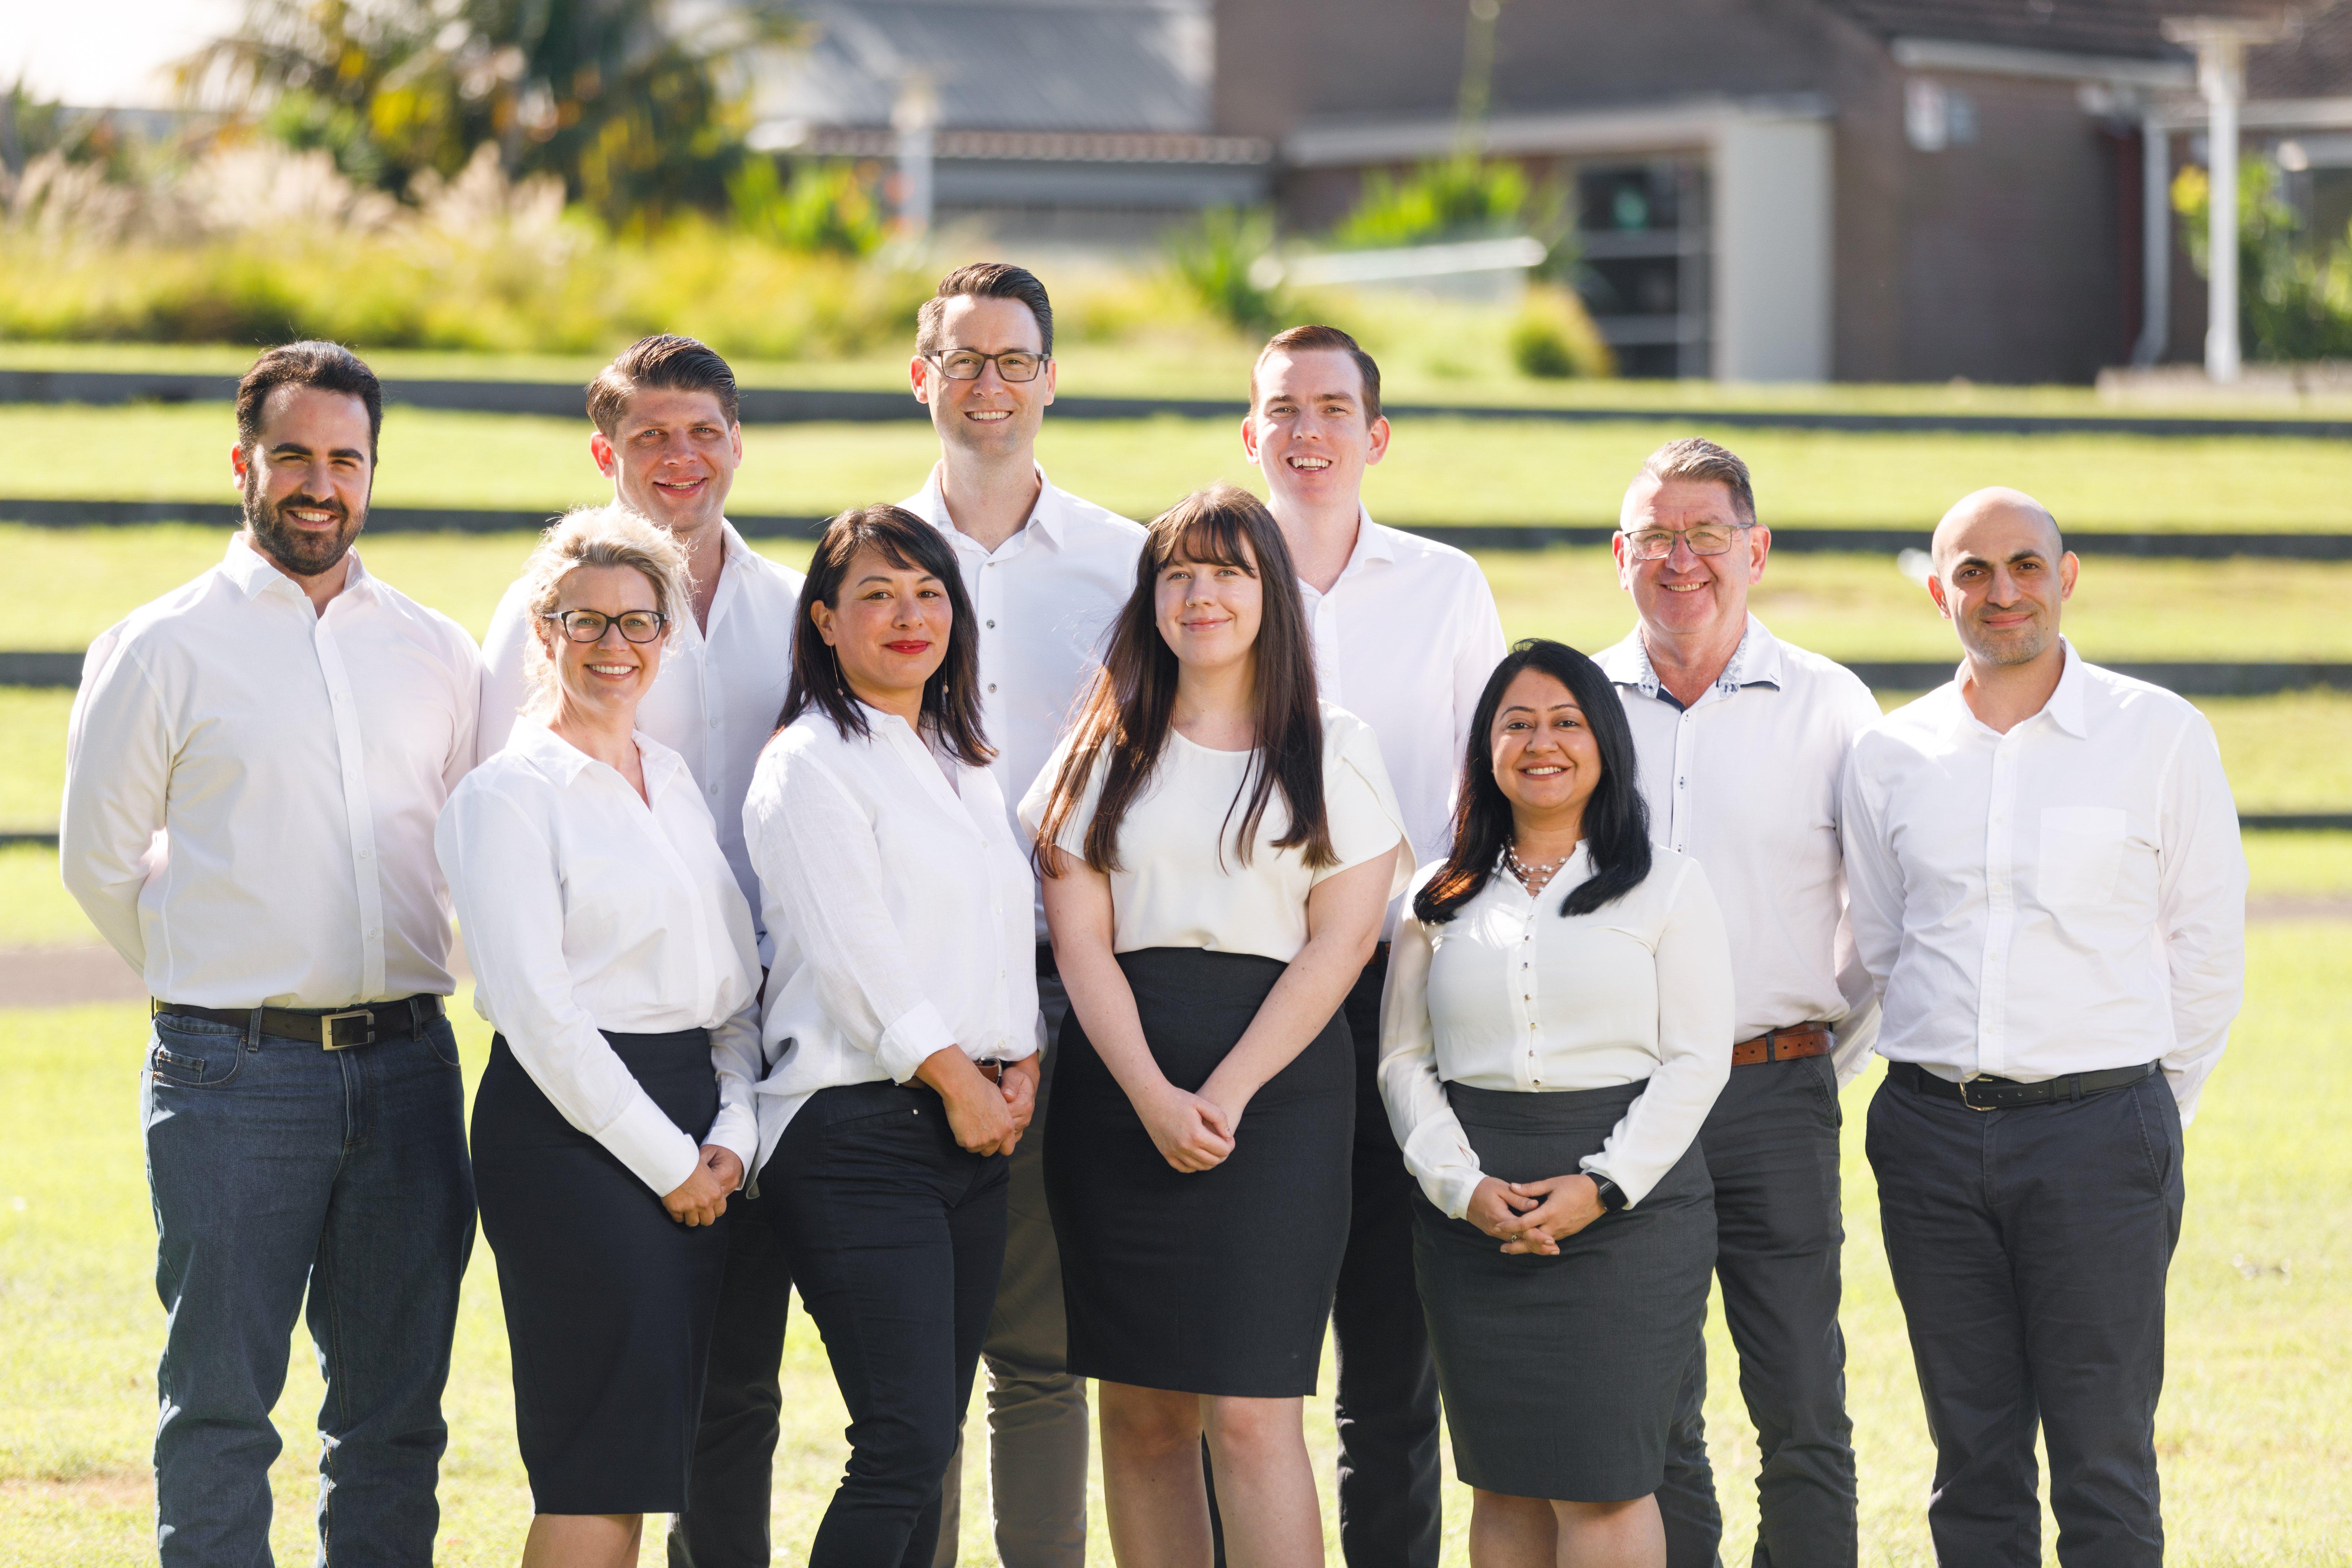 ComplianceCouncil20210412-Group Photos-237 www.ben-williams